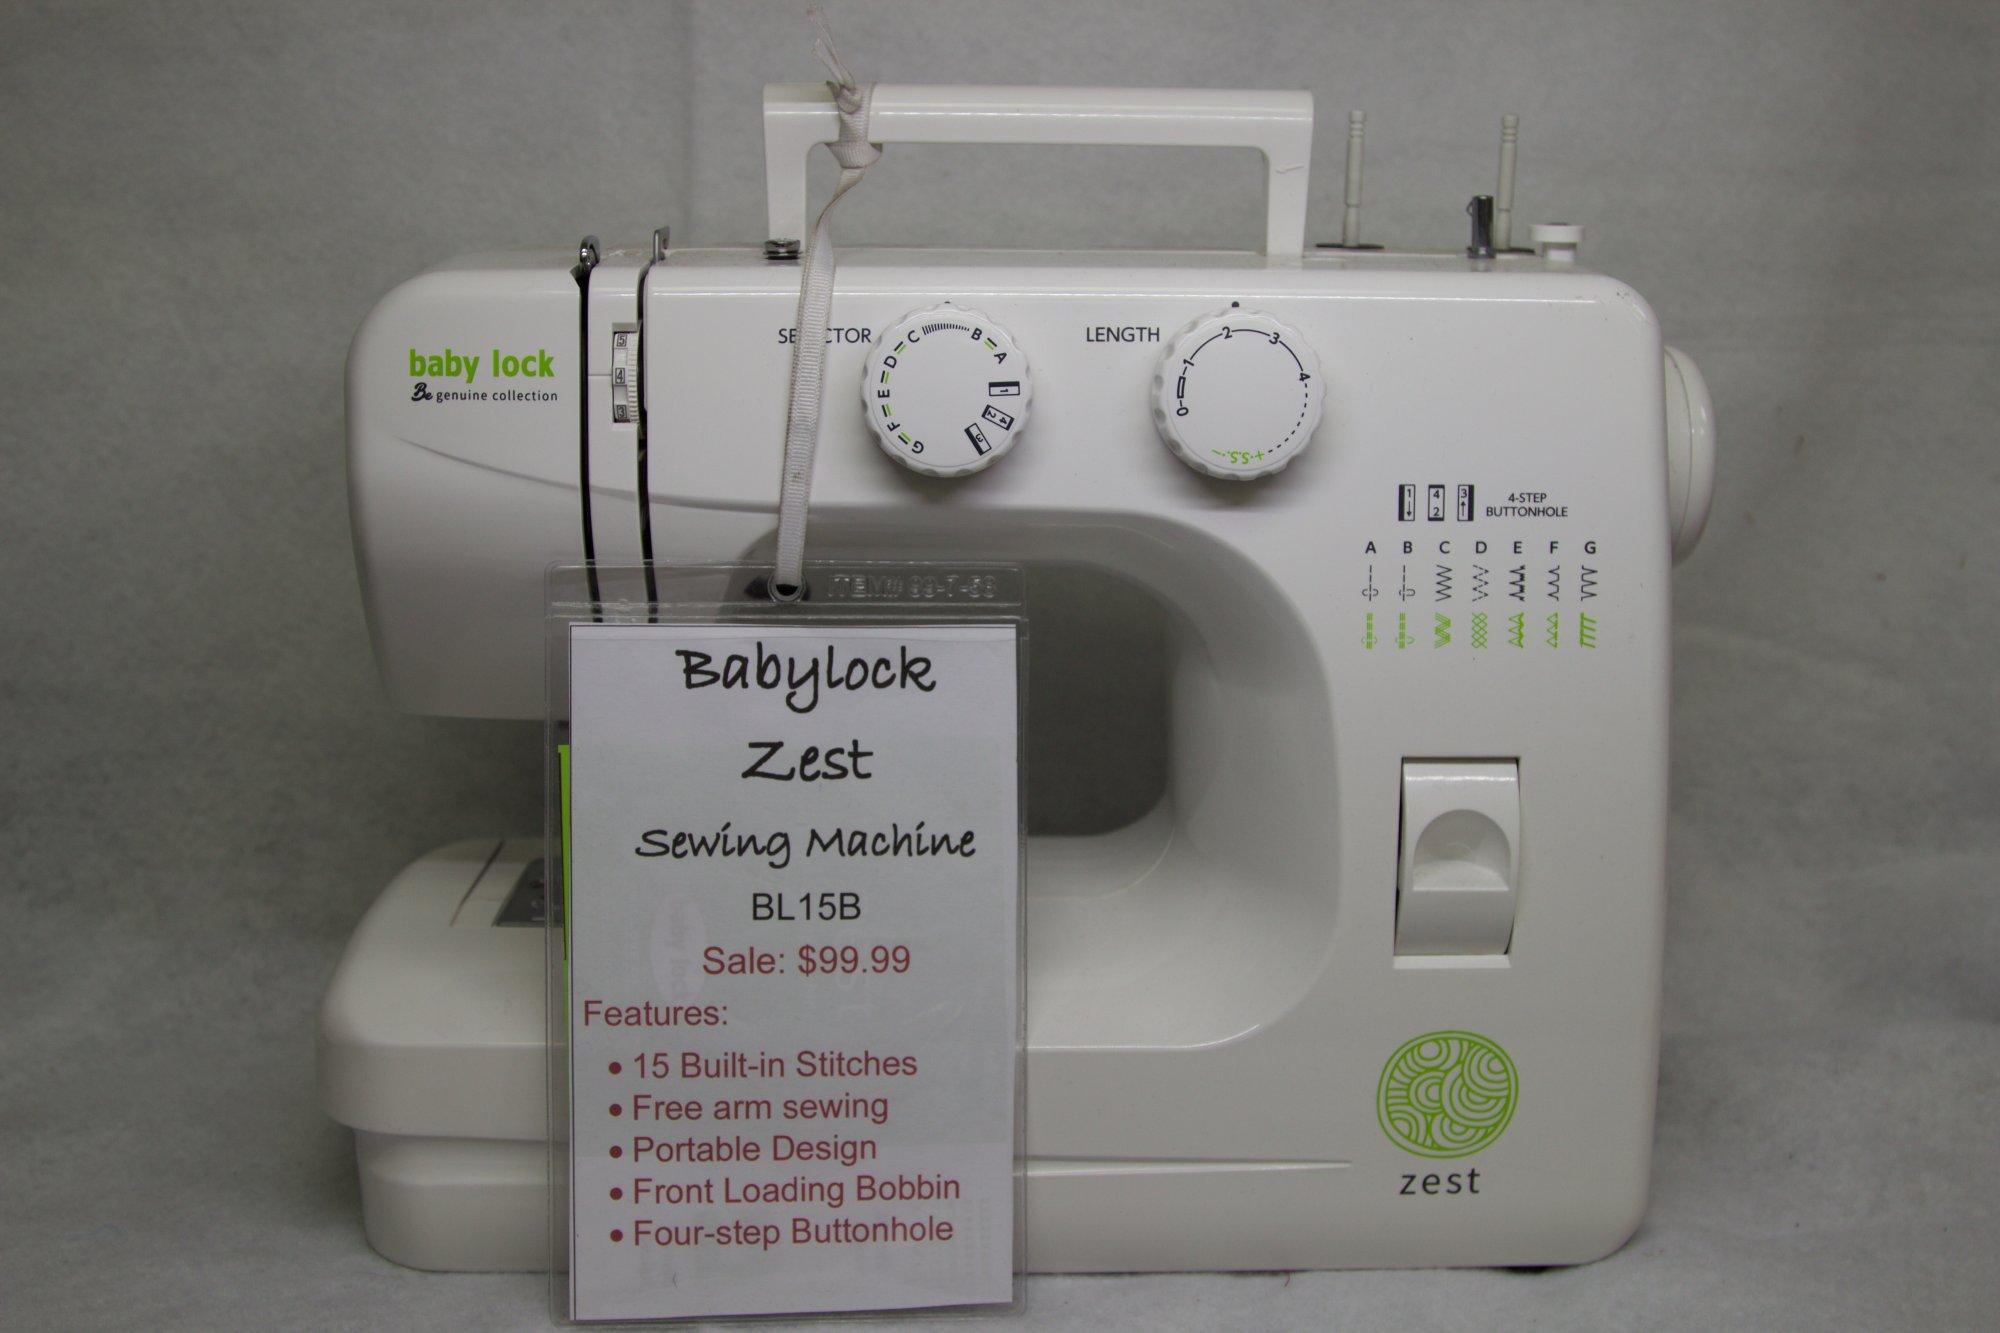 Babylock Zest Sewing Machine #C18001296